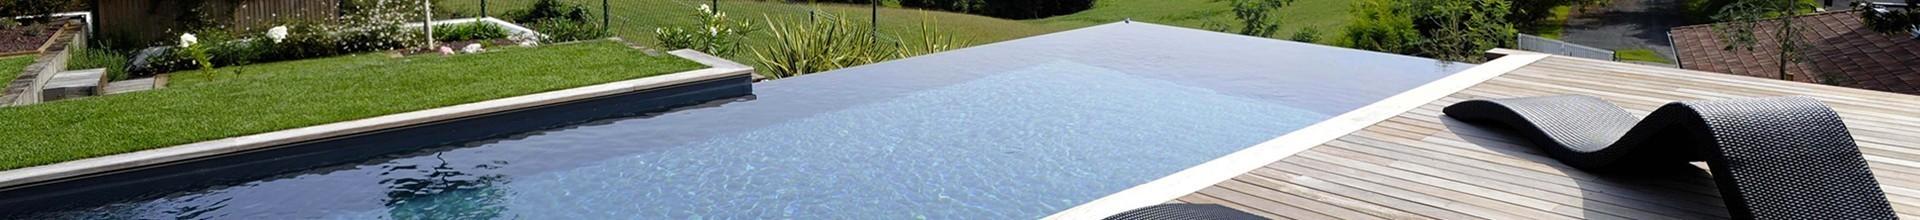 Direct usine, piscine coque prix Pays : Italie